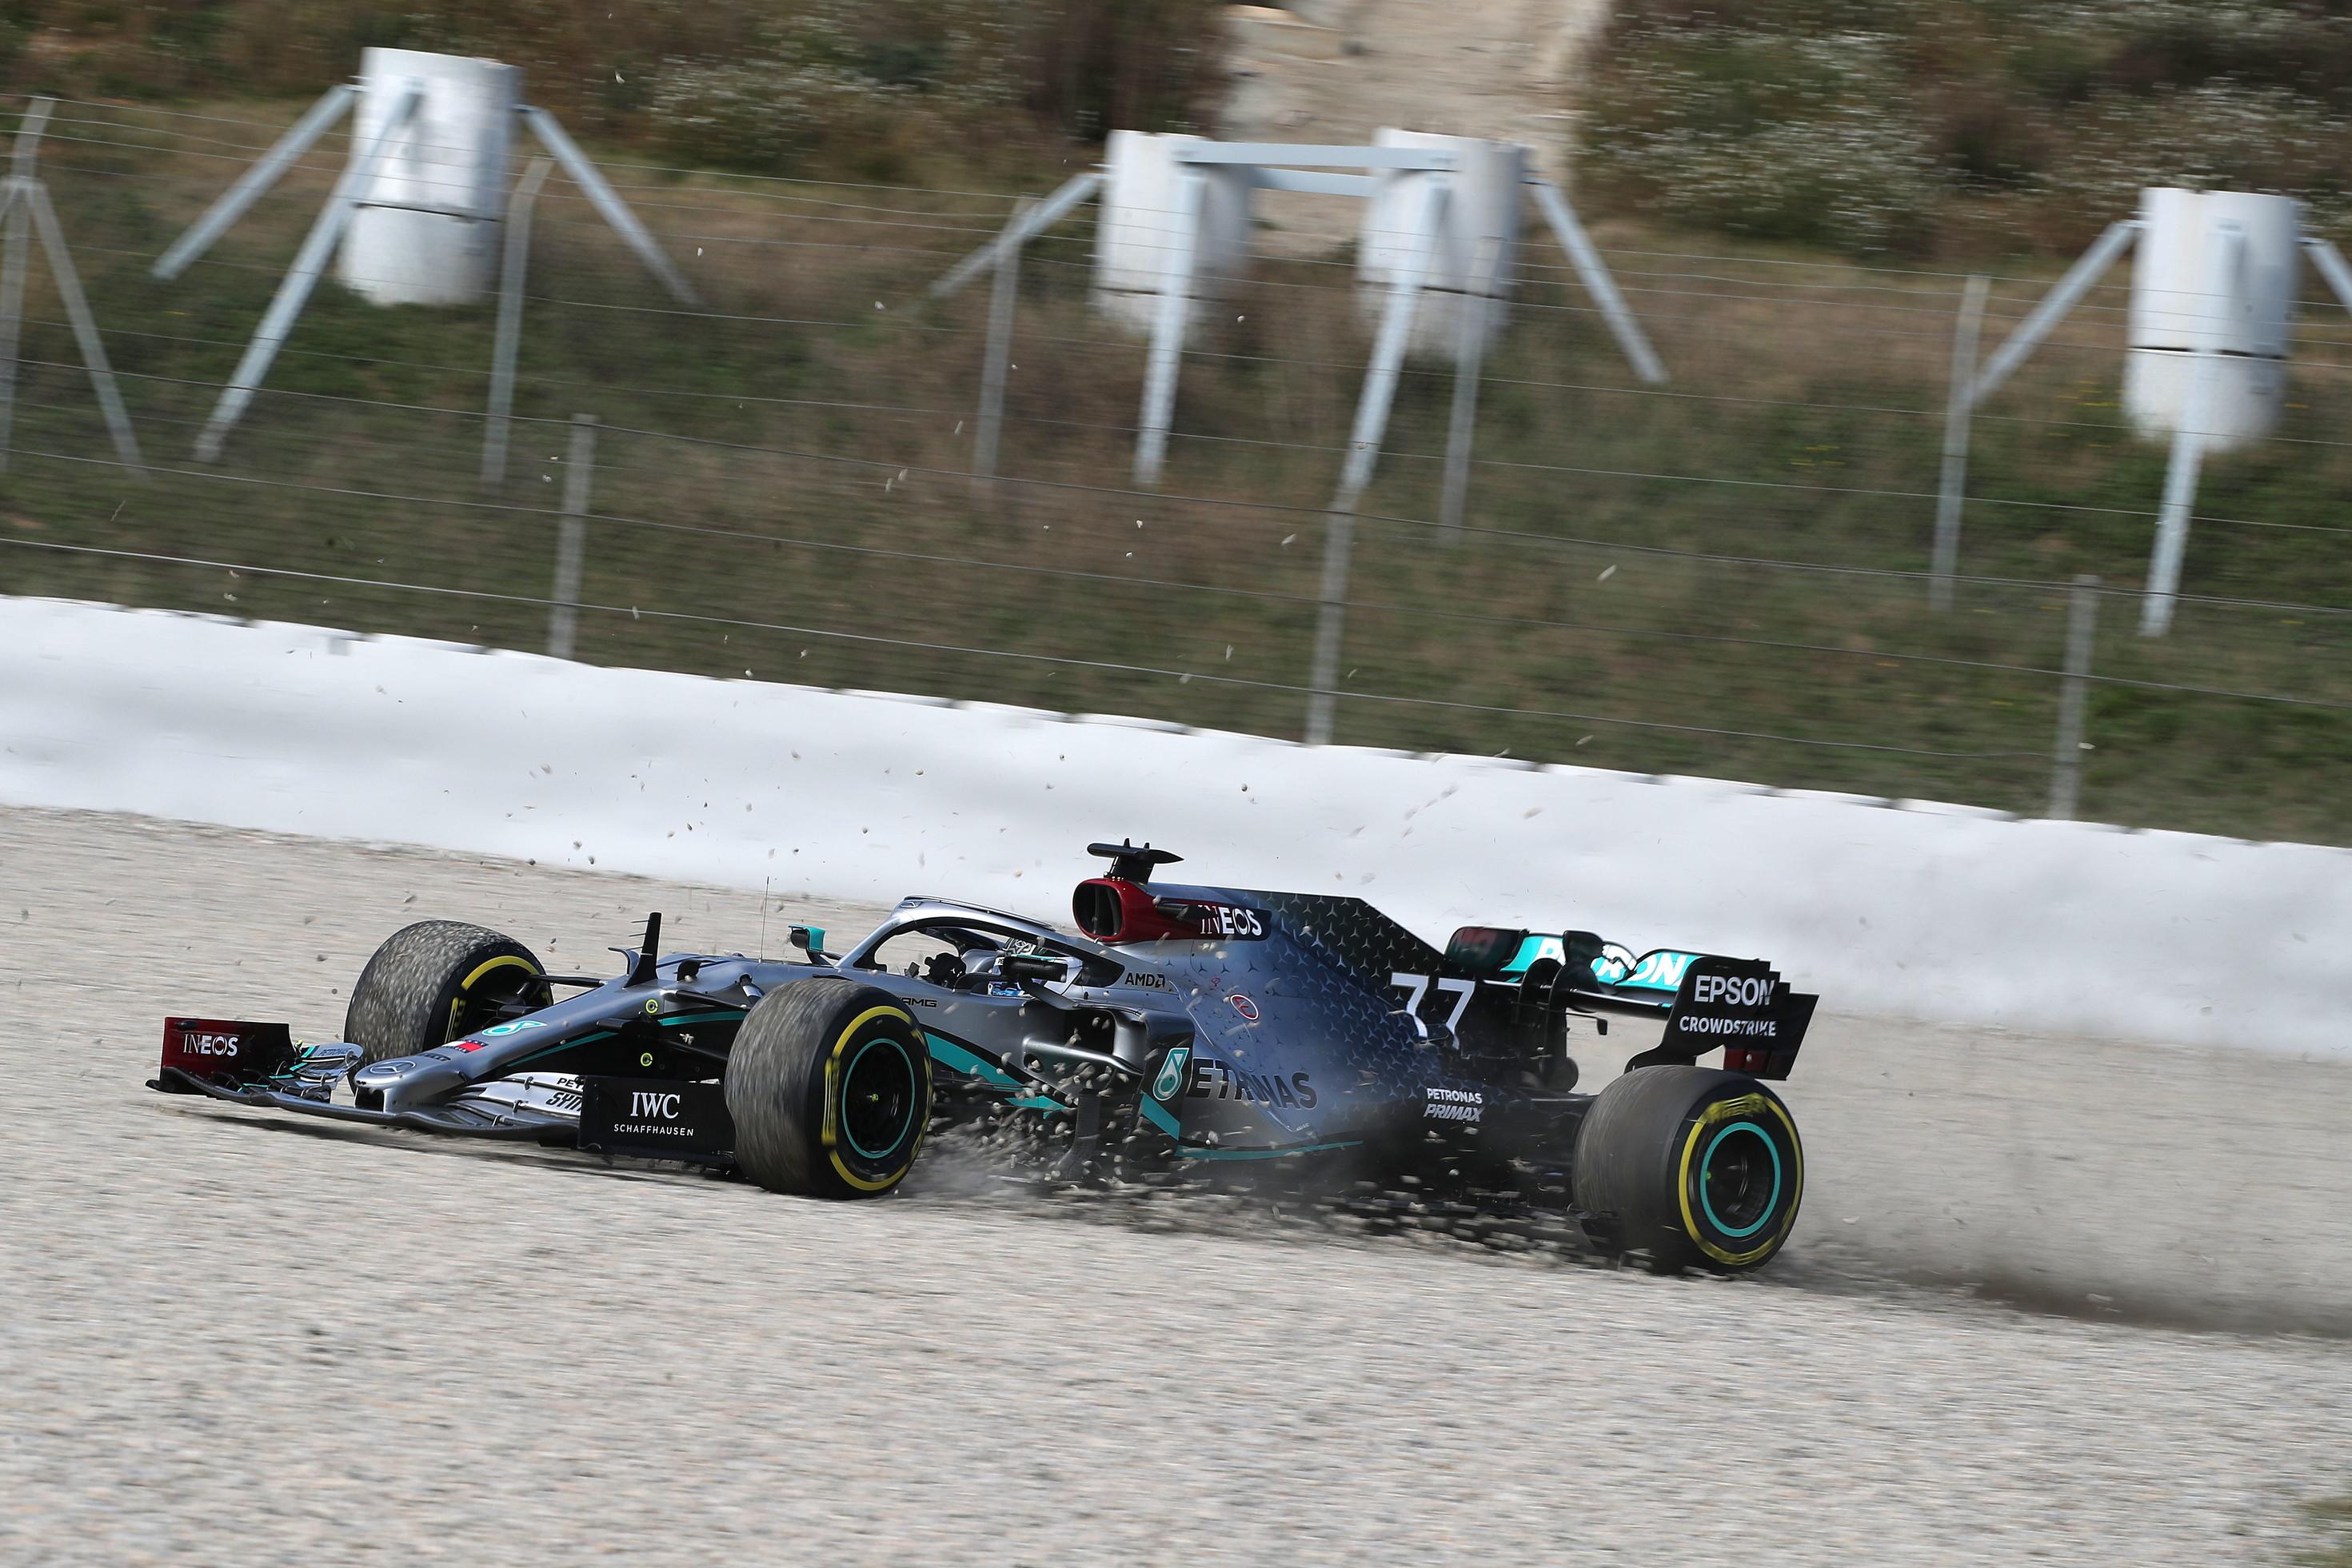 Nei test di F1 a Barcellona giovedìcon qualche intoppo anche per Verstappen, Bottas e Hamilton oltre a Vettel.